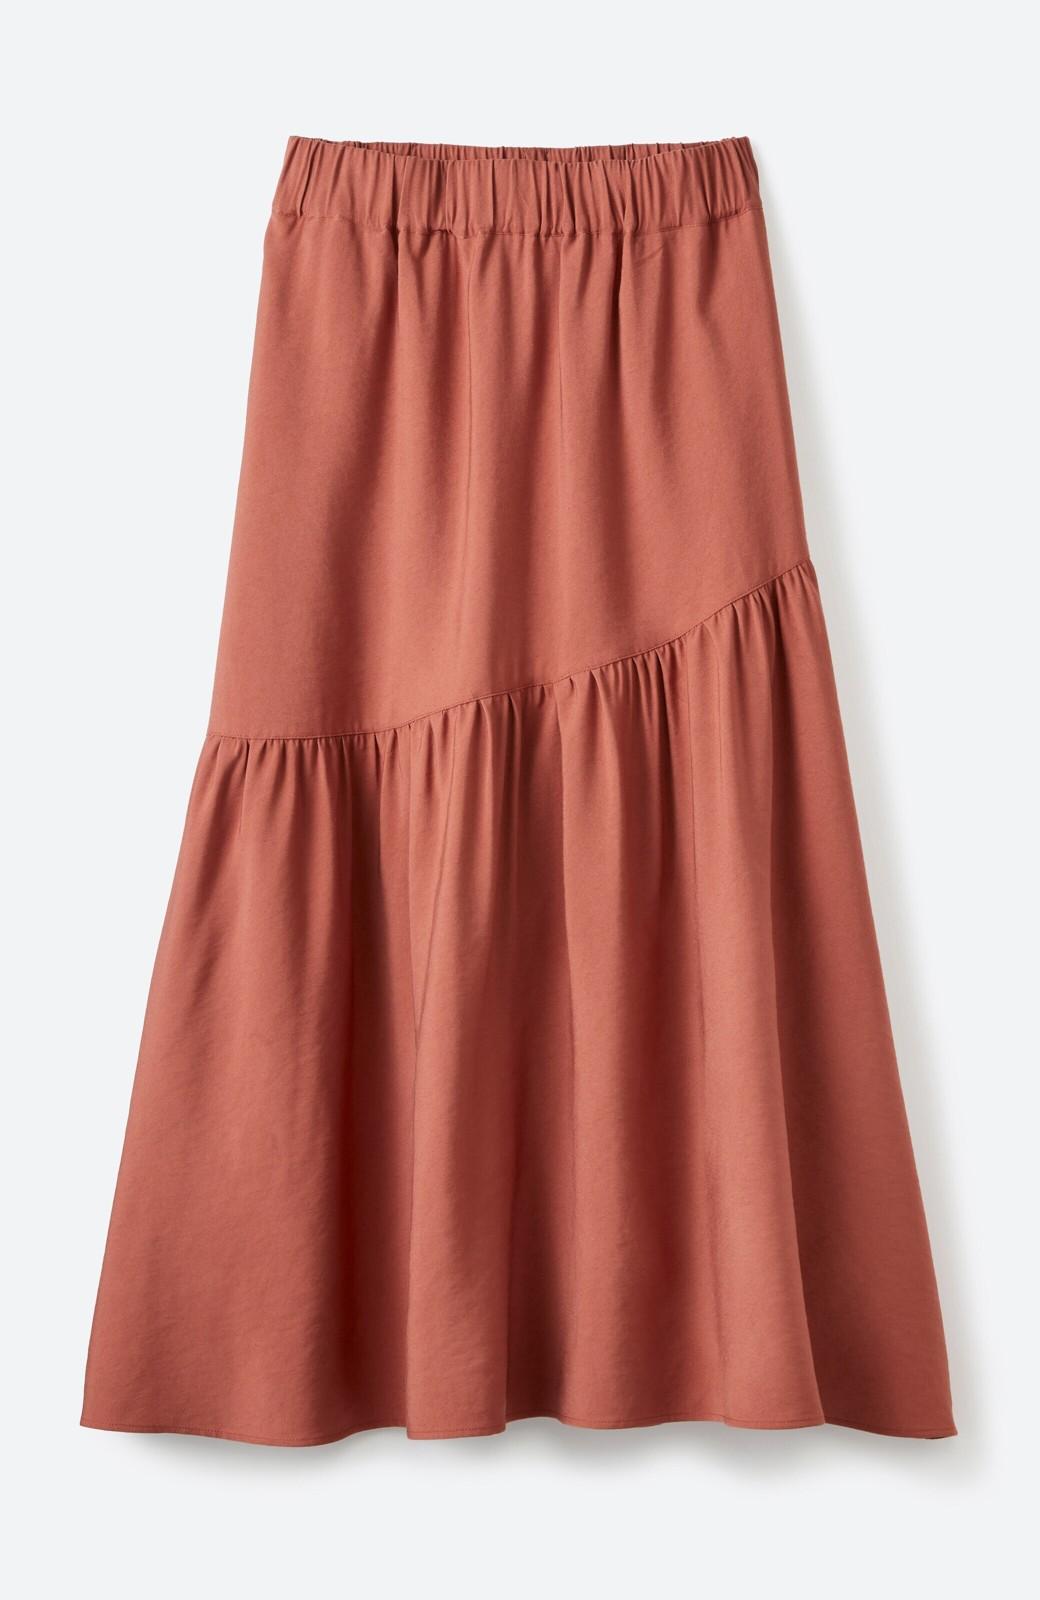 haco! ふんわりシルエットが華やかな大人ギャザースカート <スモークピンク>の商品写真2